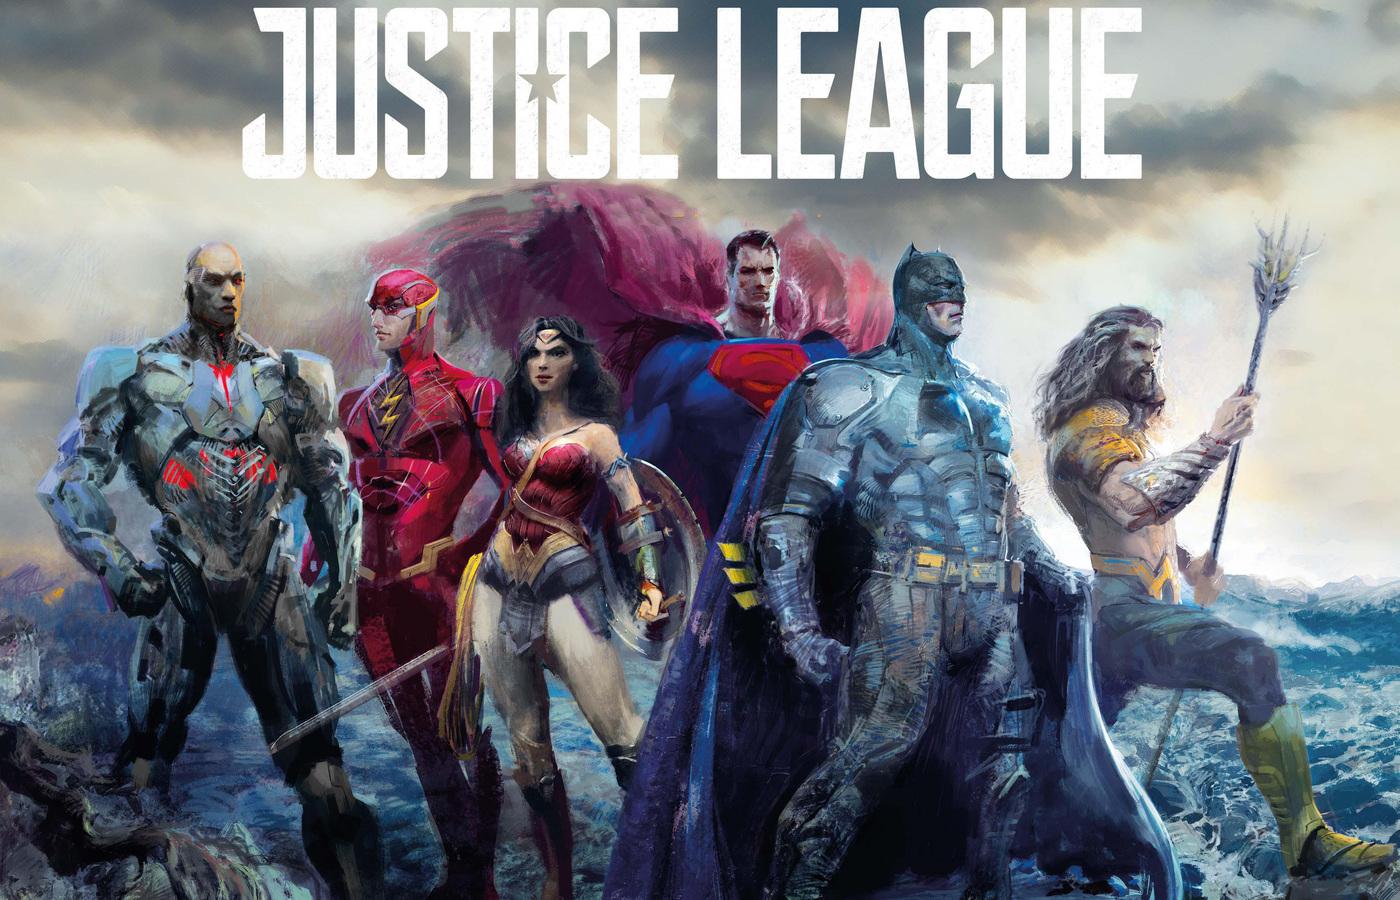 4k-justice-league-artwork-2y.jpg